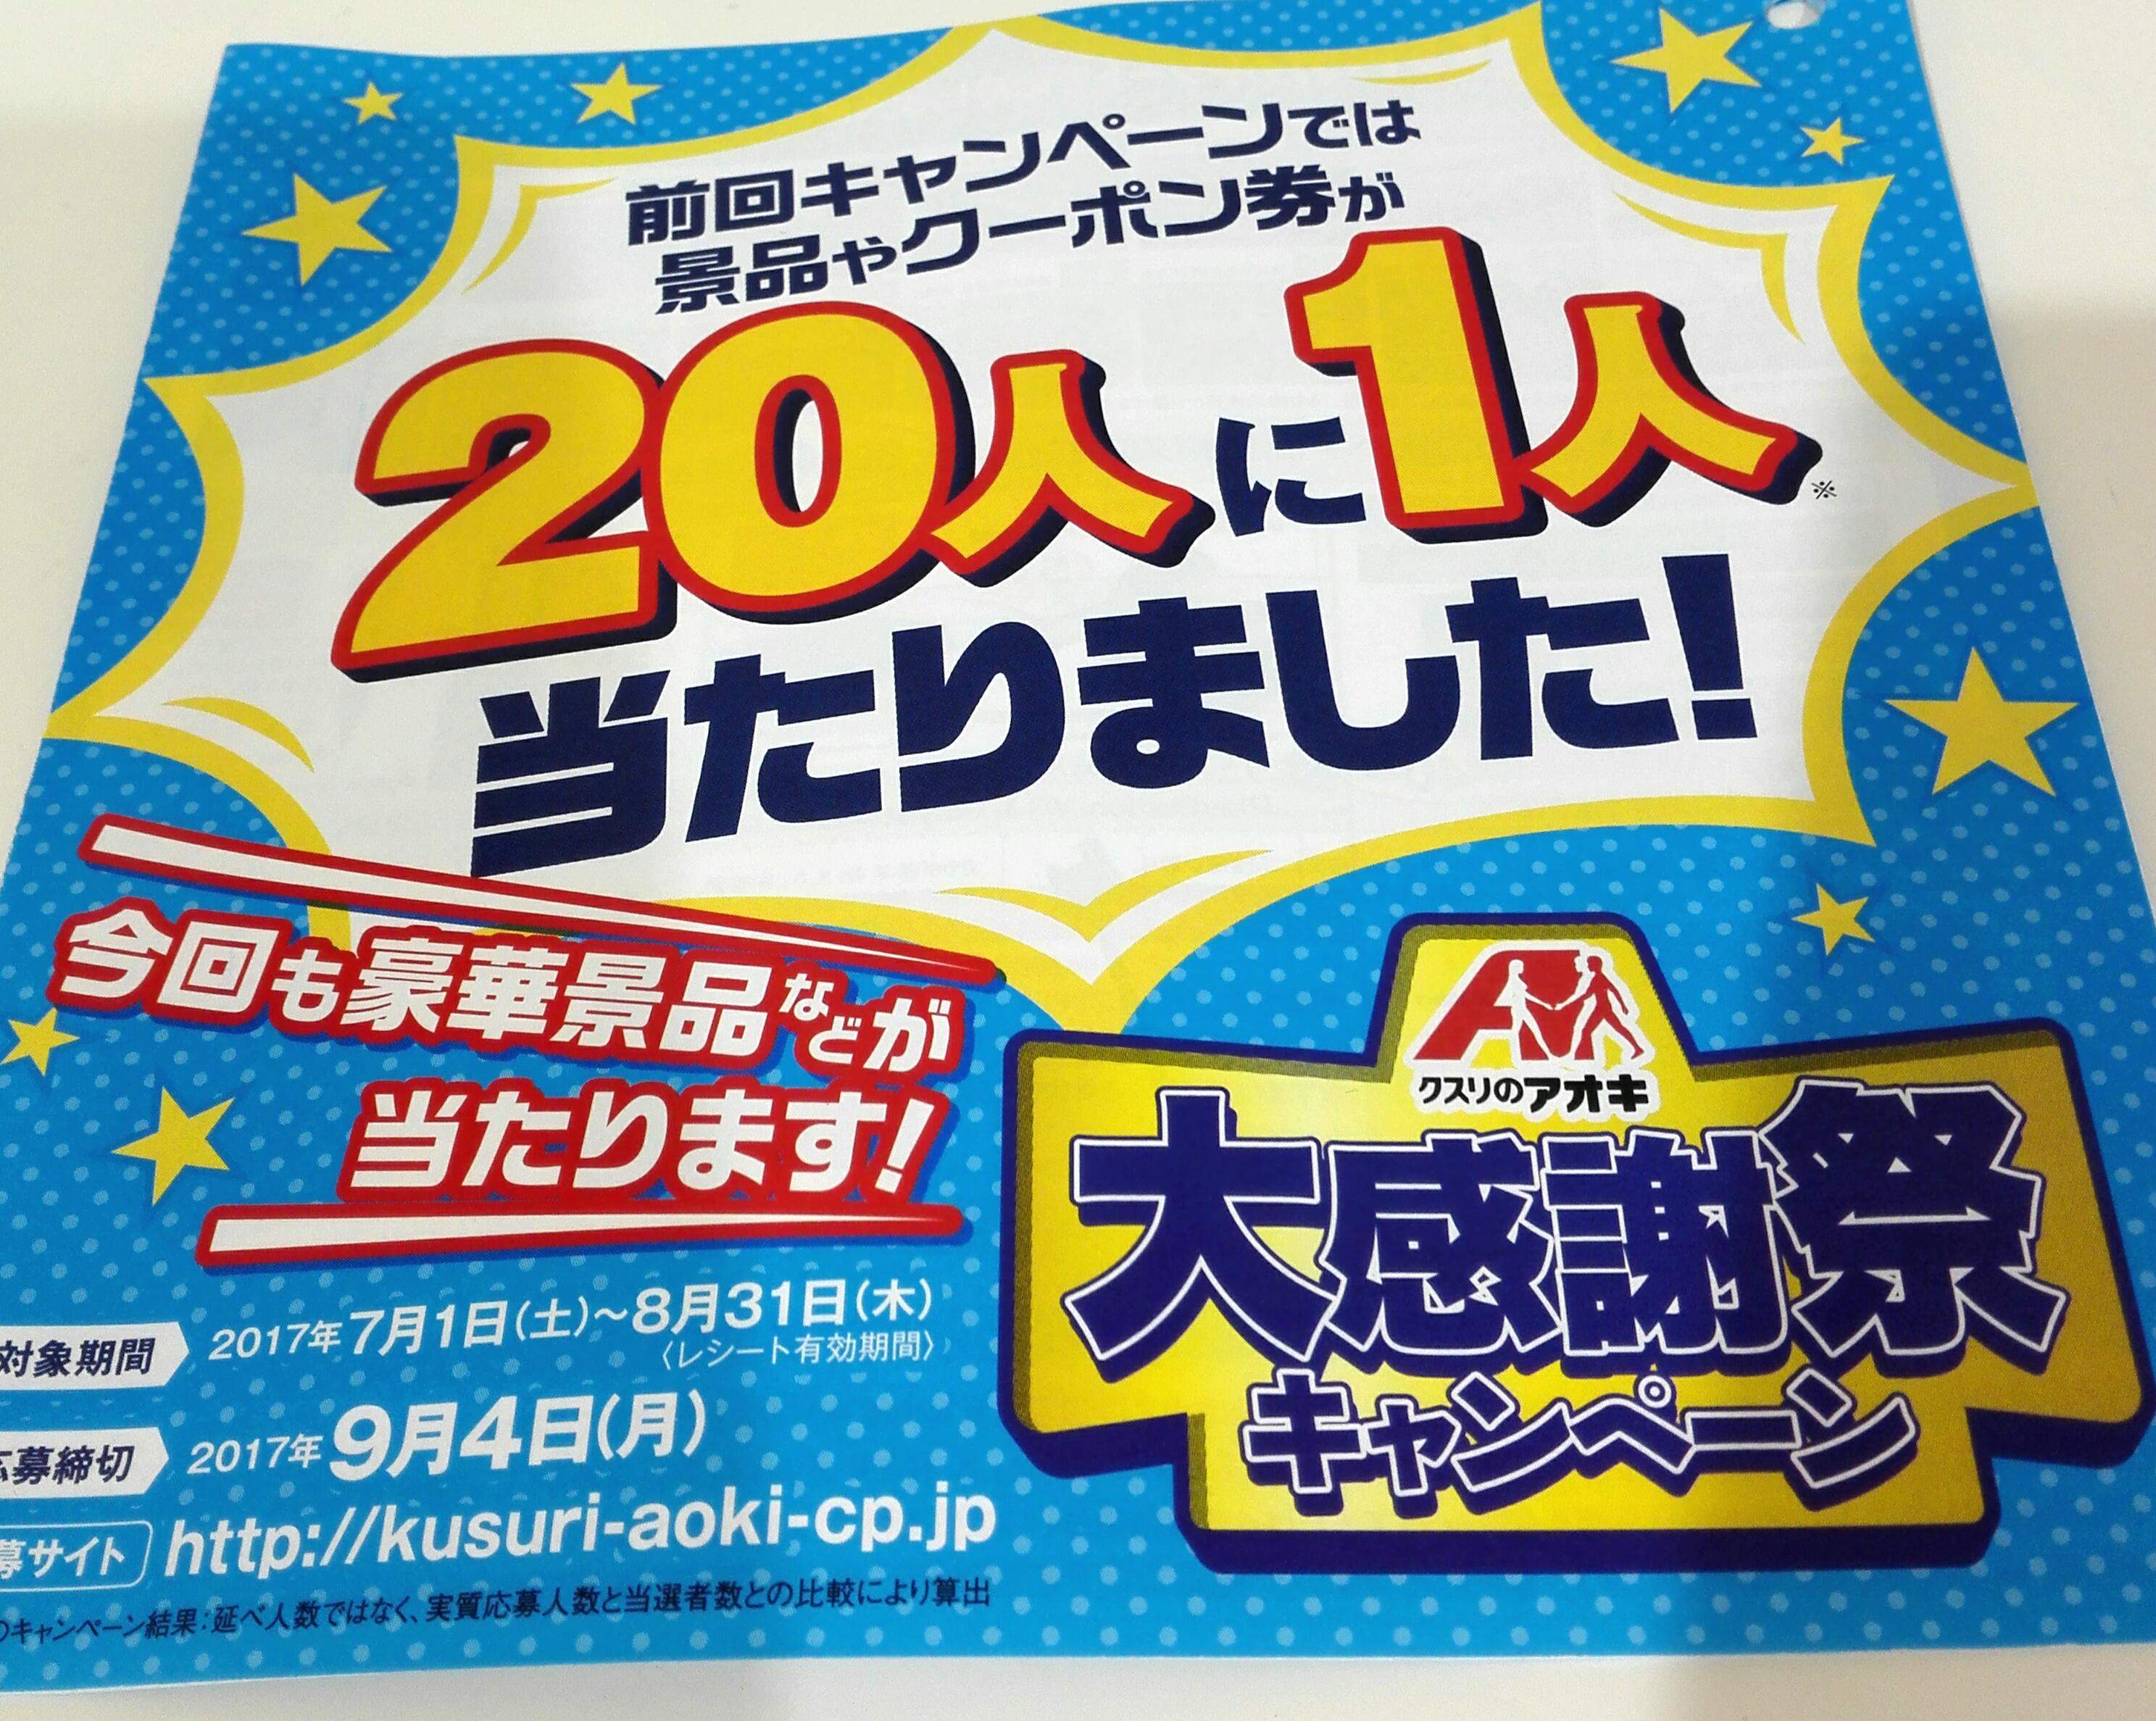 2017年クスリのアオキ大感謝祭キャンペーン応募用紙